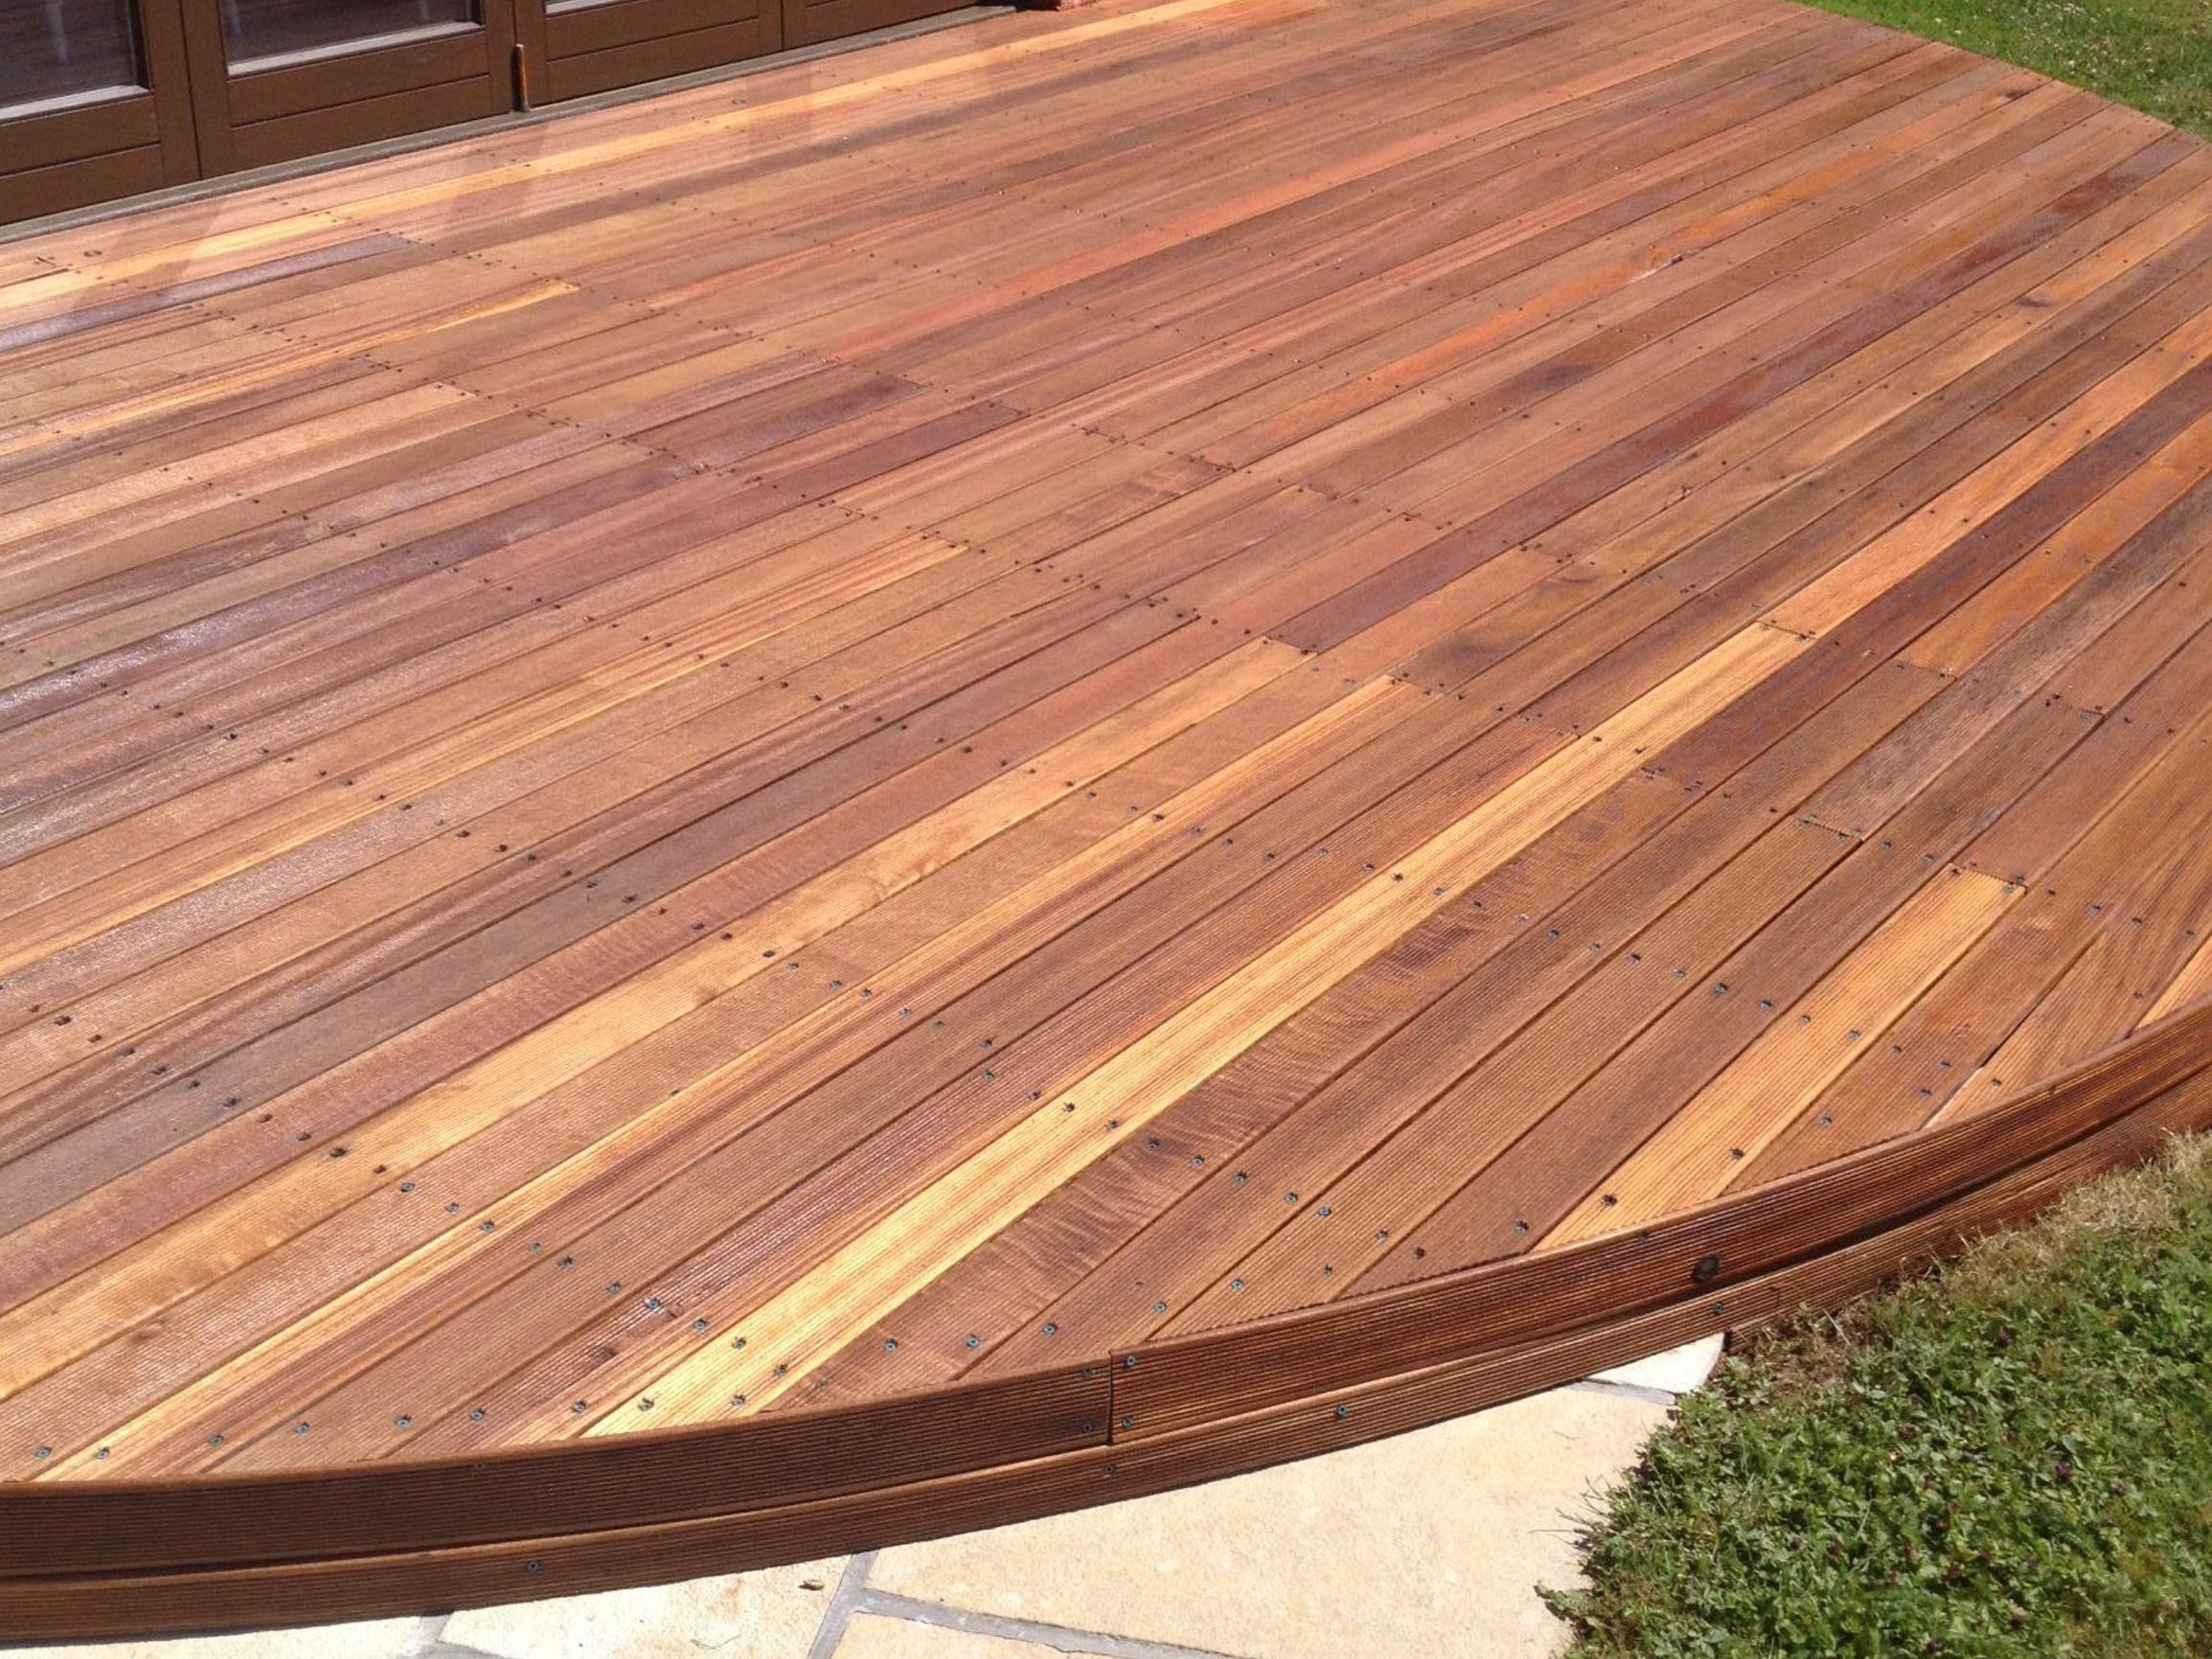 Textrol applied to garden deck